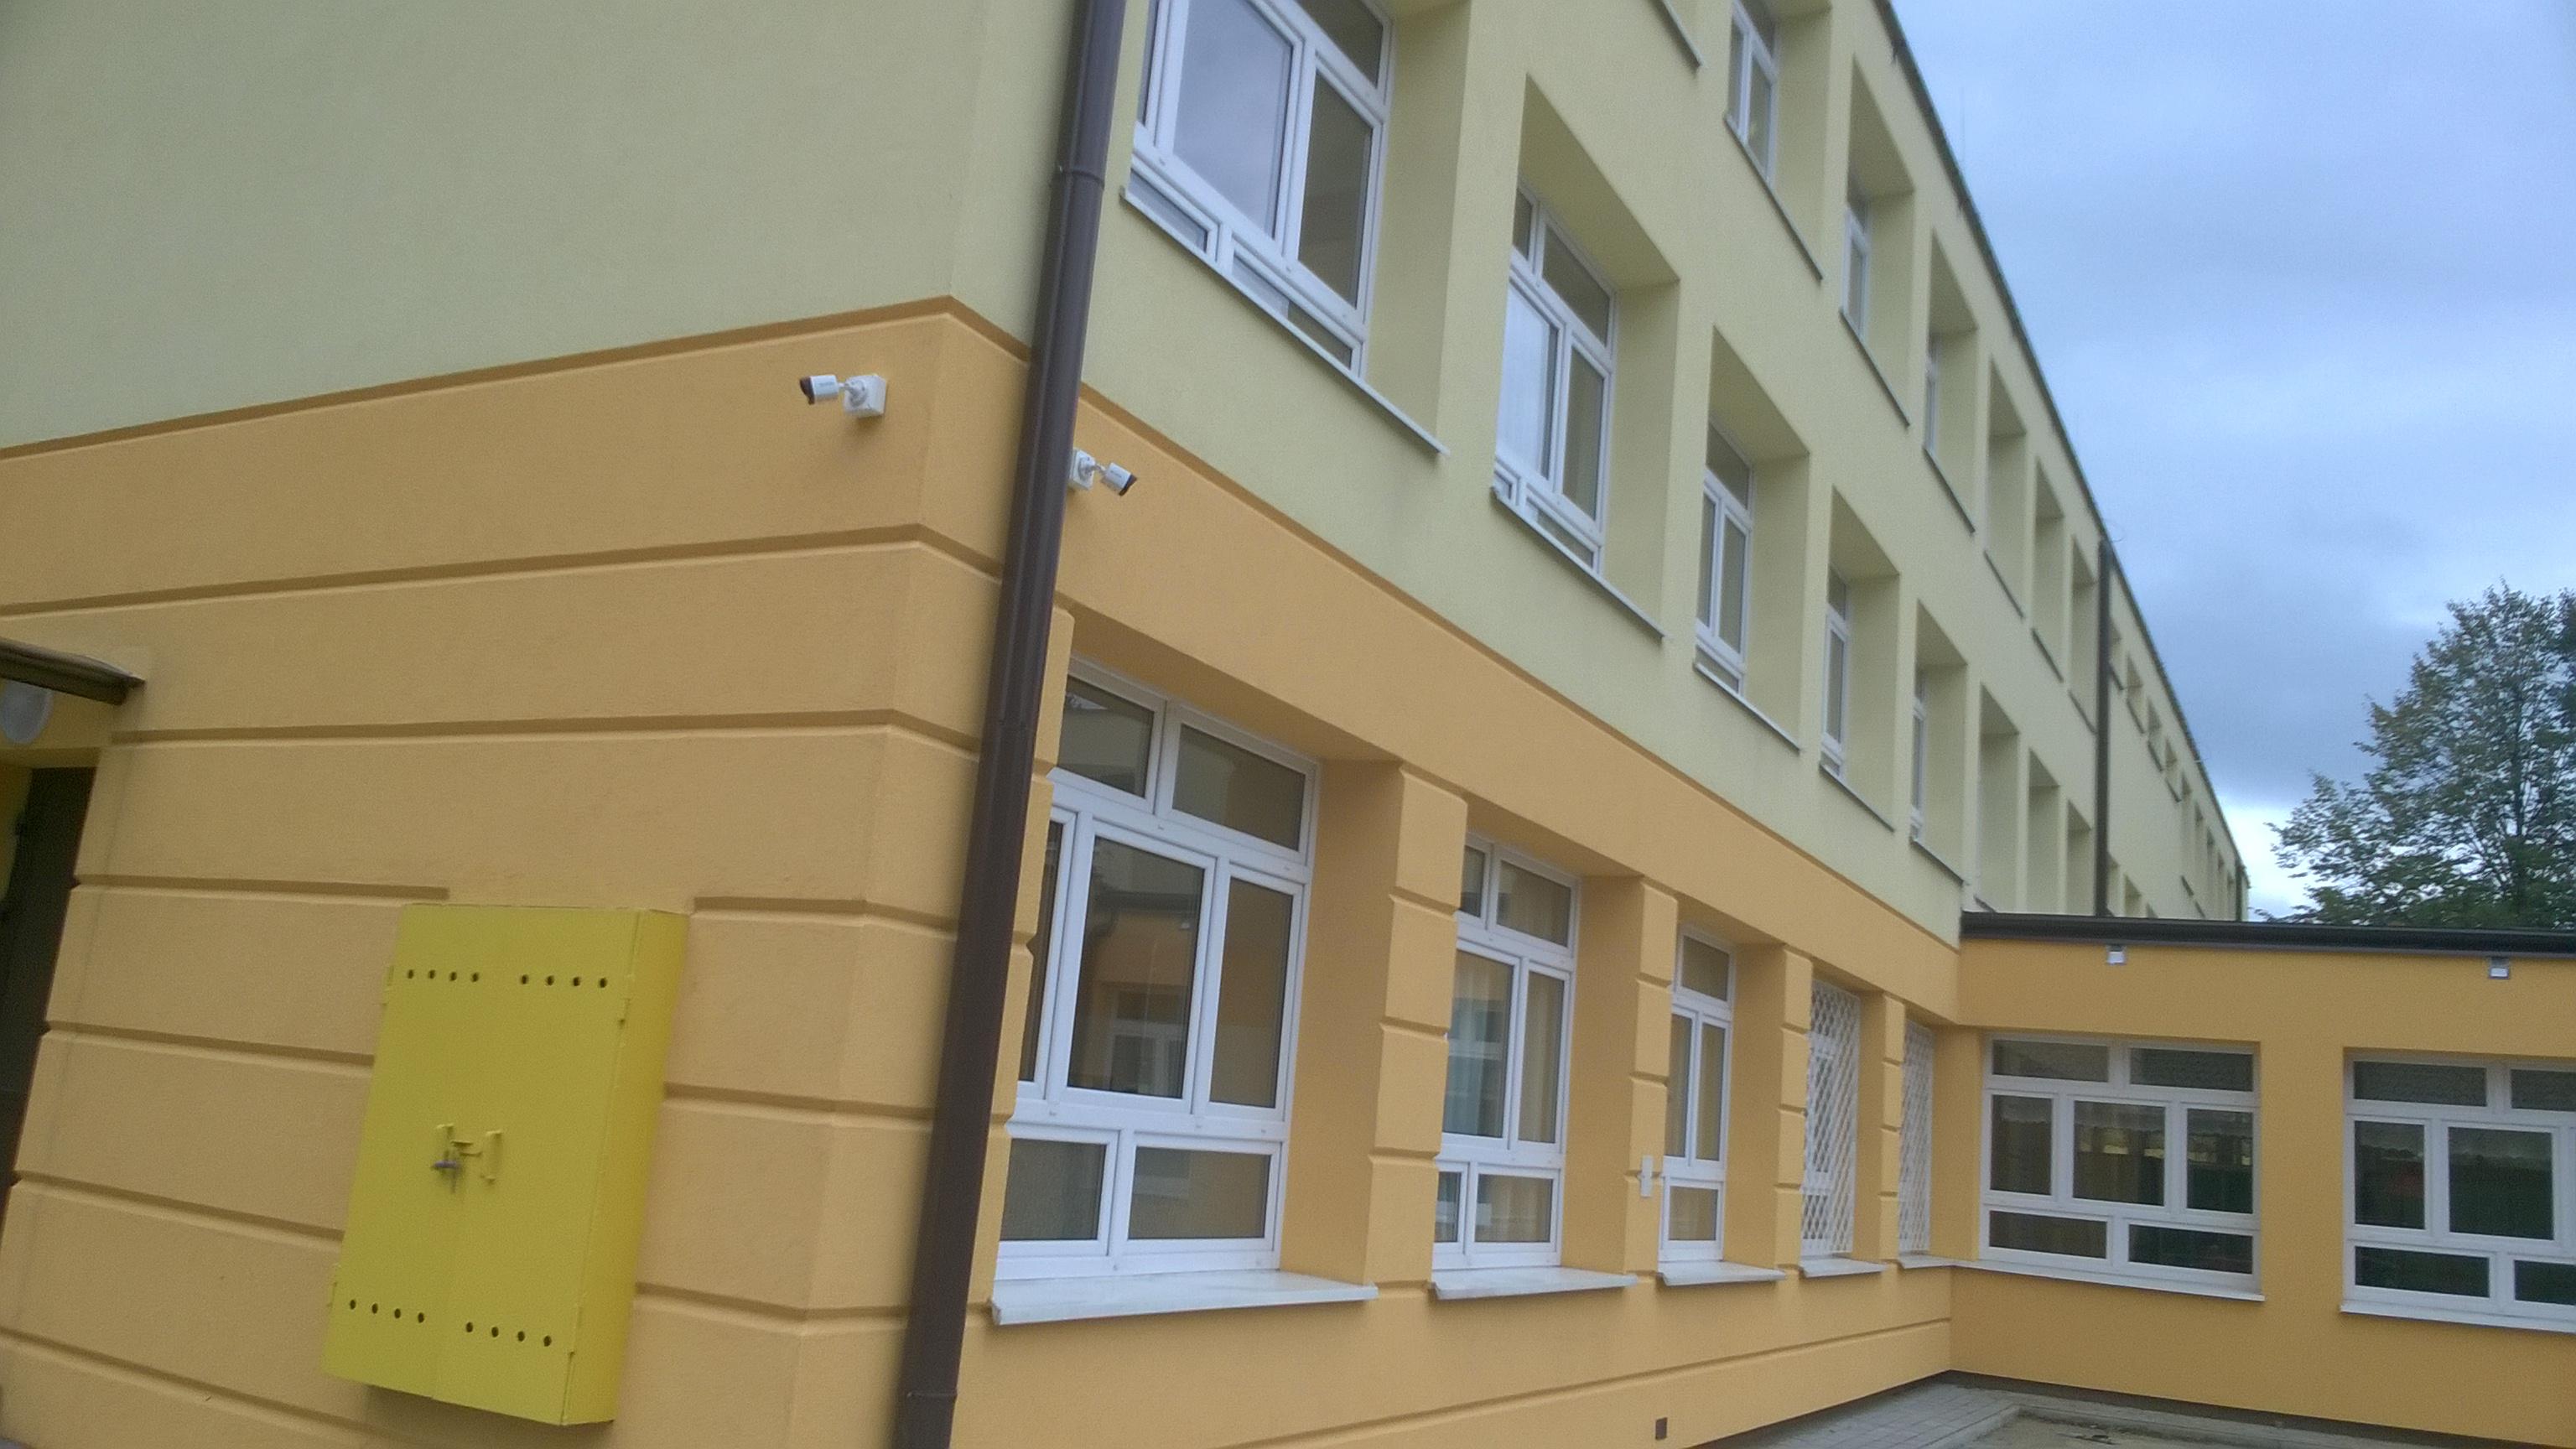 Monitoring Szkoły - Wykonaliśmy kompleksowy monitoring Zespół Szkół nr 6 Specjalnych w Stalowej Woli -bezpieczeństwo dzieci hikvision monitoring kraśnik